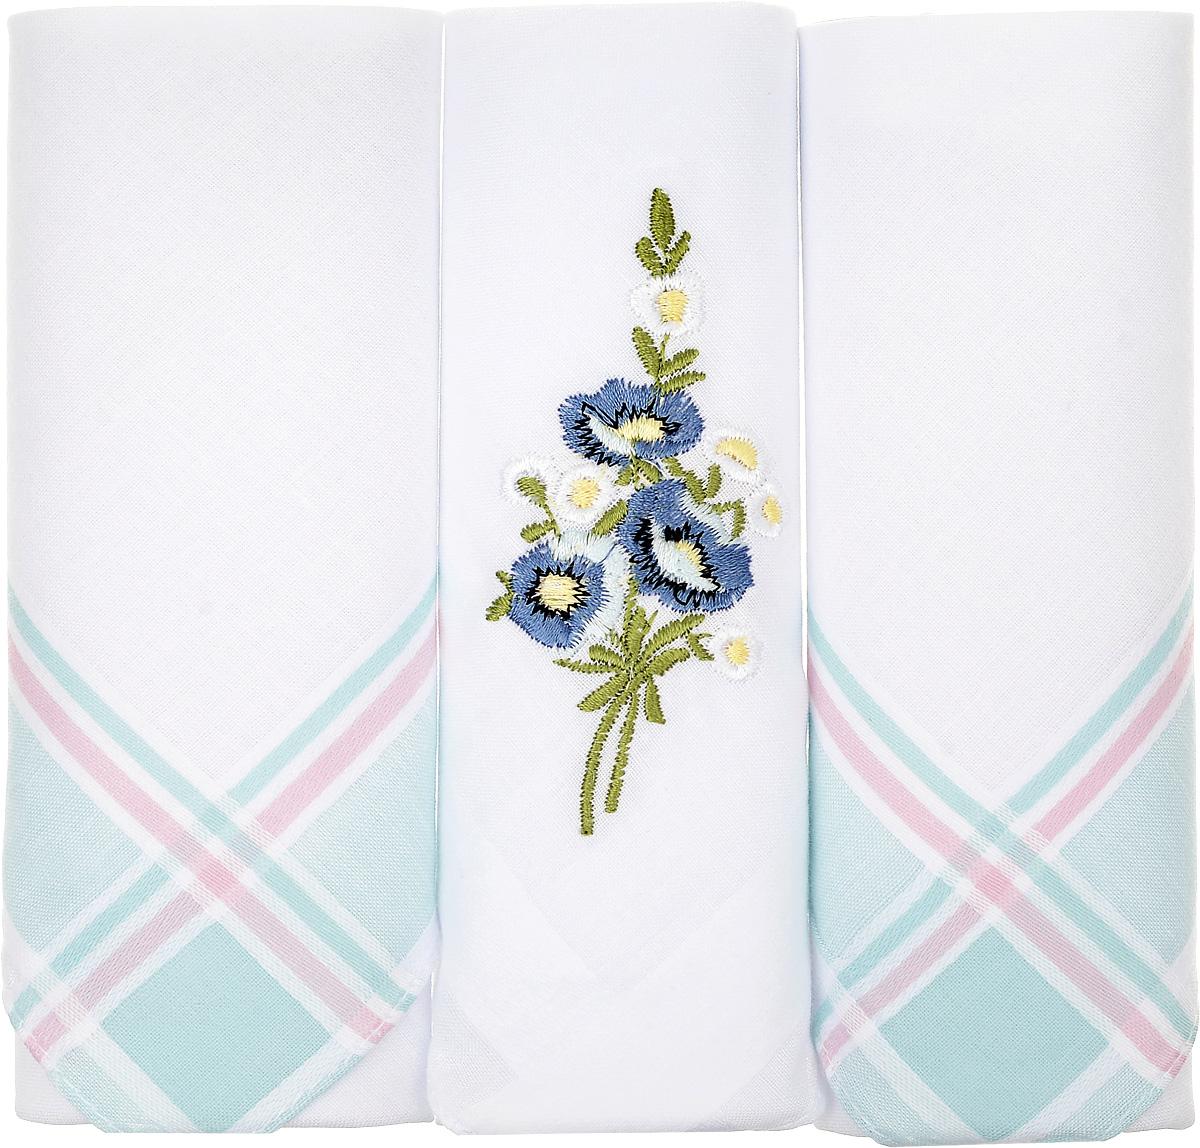 Платок носовой женский Zlata Korunka, цвет: белый, мятный, 3 шт. 90329-48. Размер 29 см х 29 смАжурная брошьНебольшой женский носовой платок Zlata Korunka изготовлен из высококачественного натурального хлопка, благодаря чему приятен в использовании, хорошо стирается, не садится и отлично впитывает влагу. Практичный и изящный носовой платок будет незаменим в повседневной жизни любого современного человека. Такой платок послужит стильным аксессуаром и подчеркнет ваше превосходное чувство вкуса.В комплекте 3 платка.